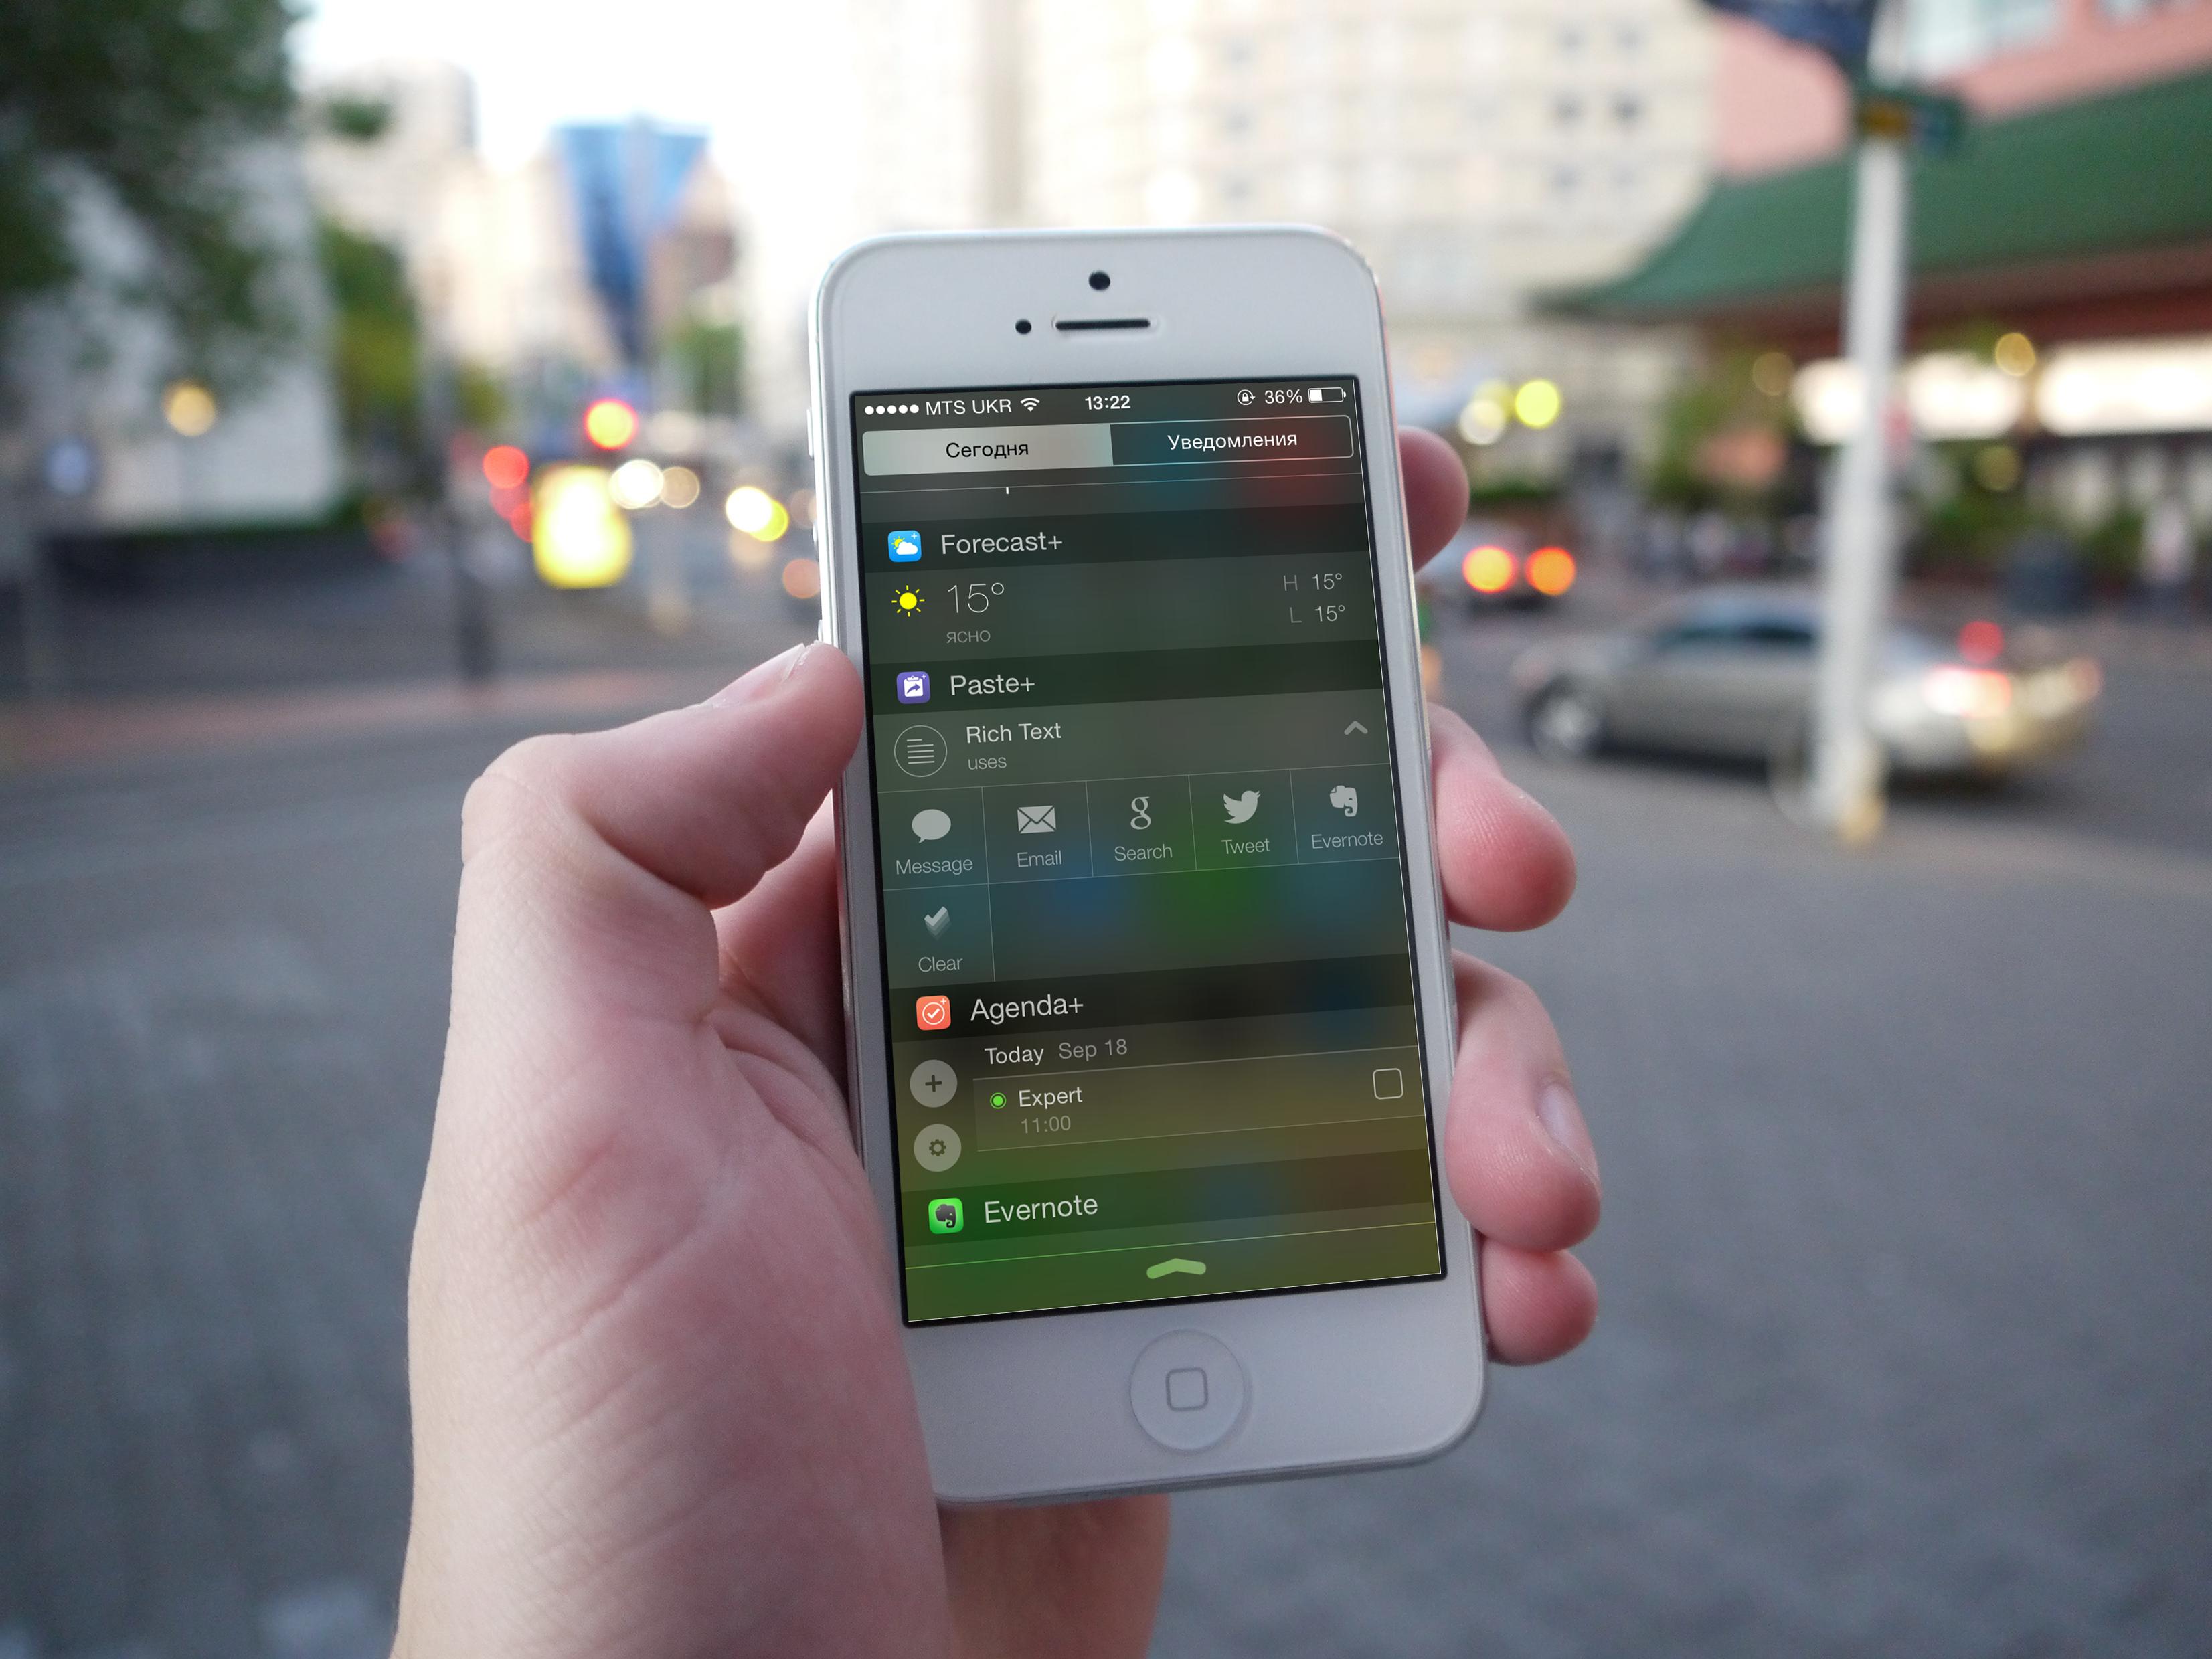 Productivity Widget от Avanio: лучшие виджеты для iOS 8 прямо сейчас